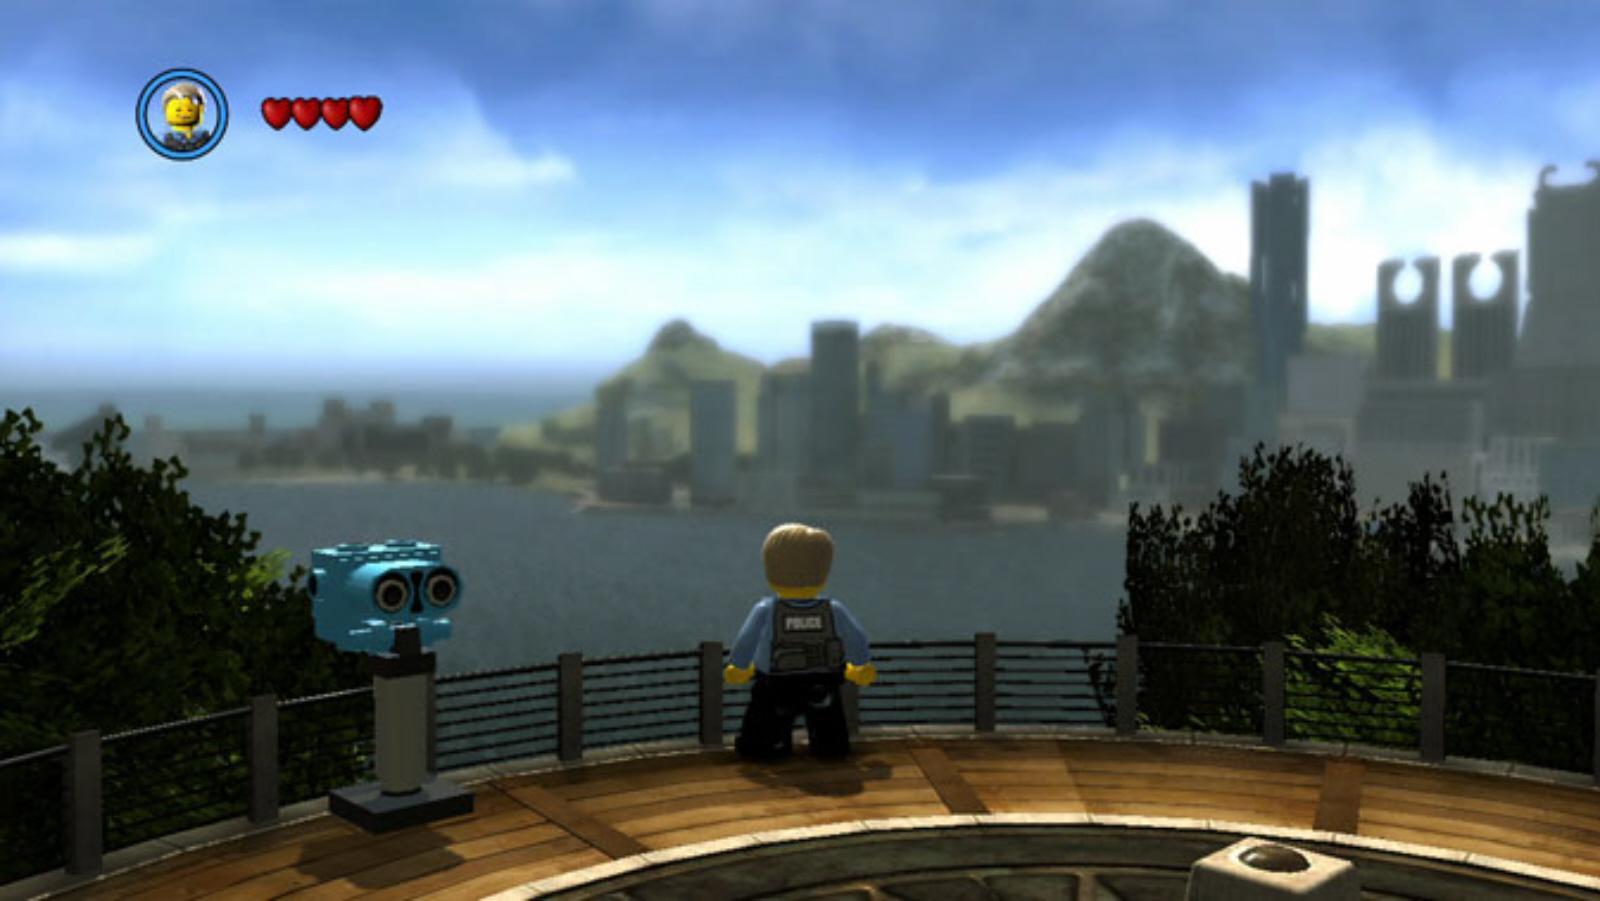 lego-city-undercover-sandbox-open-world-screenshot-gameplay-e3-2012.jpg (1600×901)